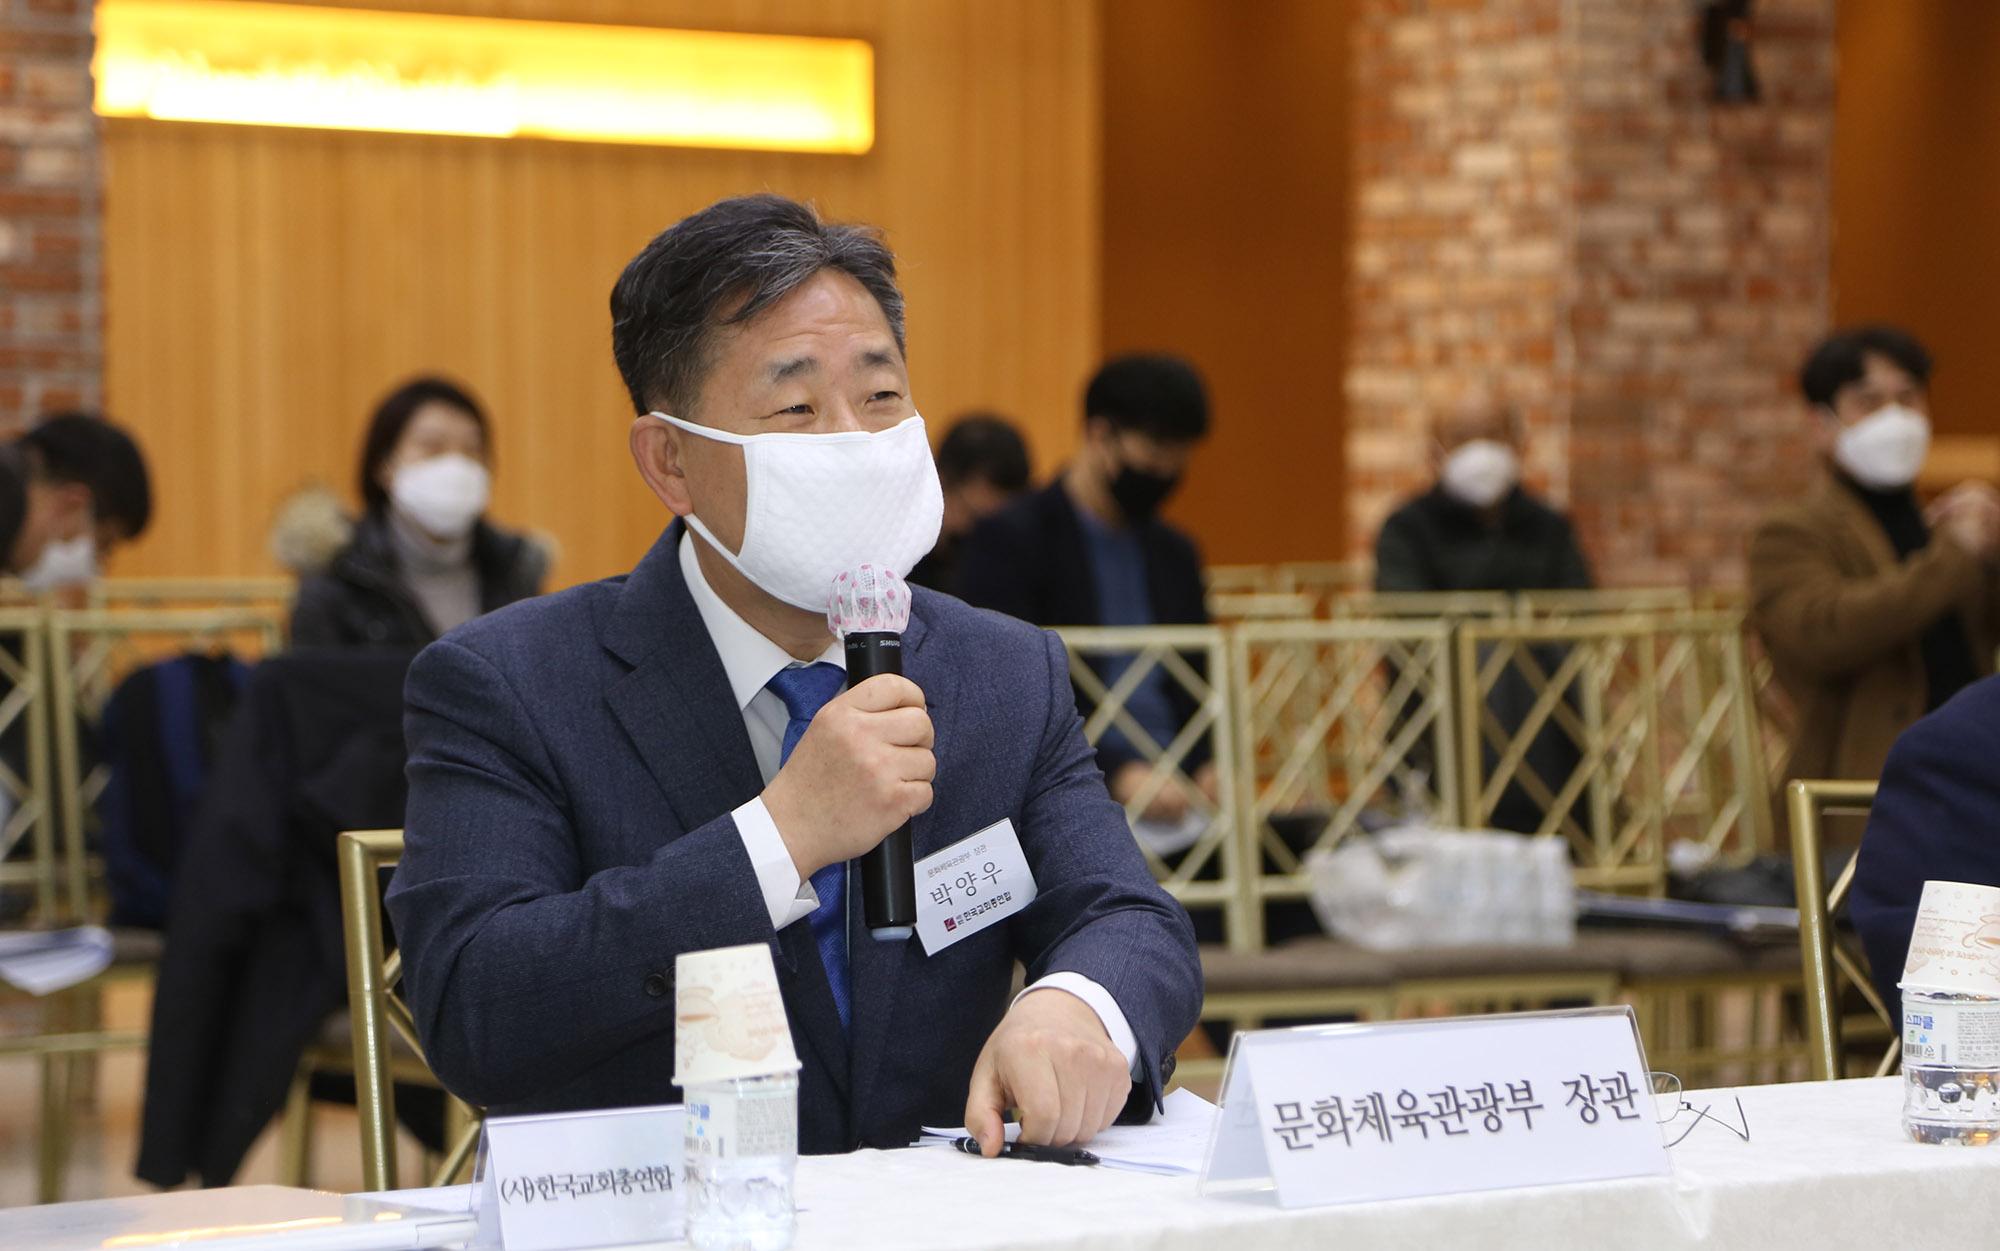 박양우 문화체육관광부 장관 한국교회총연합(한교총) 방문